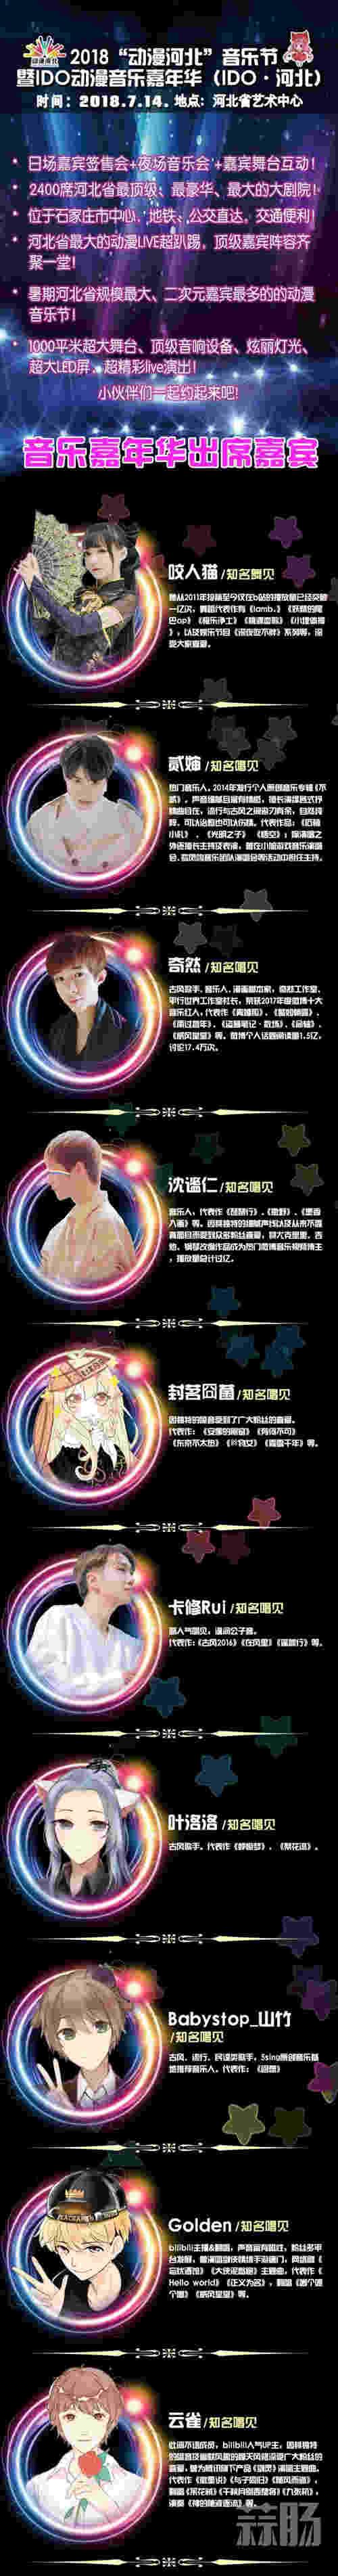 【河北·IDO Live音乐节】暑期河北规模最大二次元狂欢音乐盛宴!最让你心动的嘉宾都在这里哟! 二次元 第3张